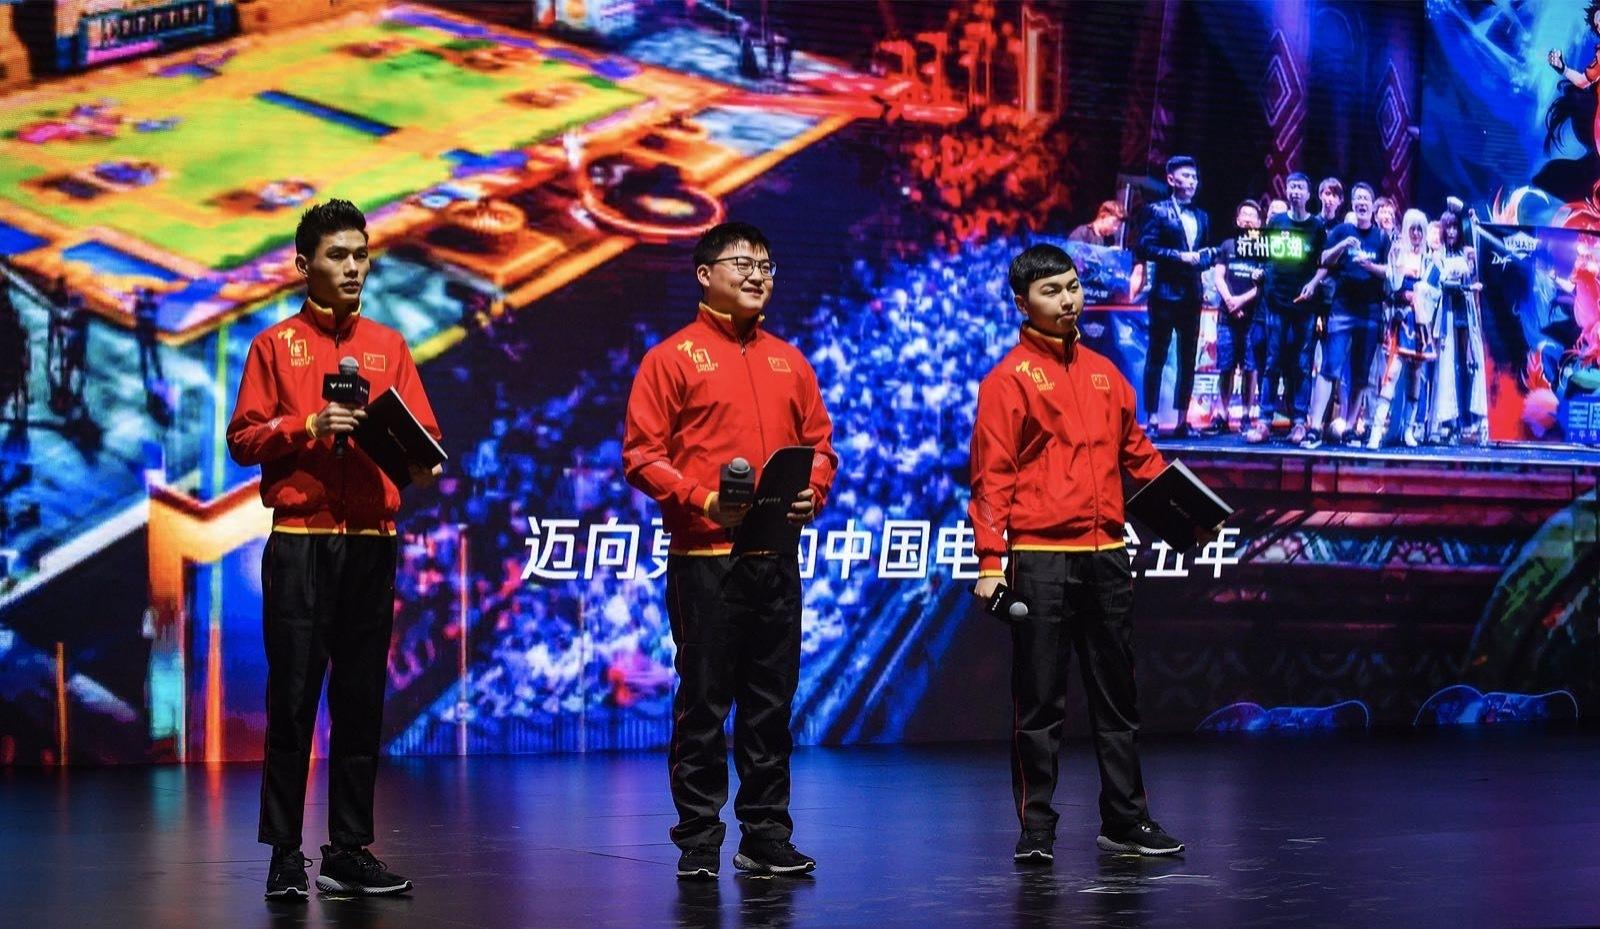 中国电竞代表队宣读誓词 uzi等人身着国家队队服